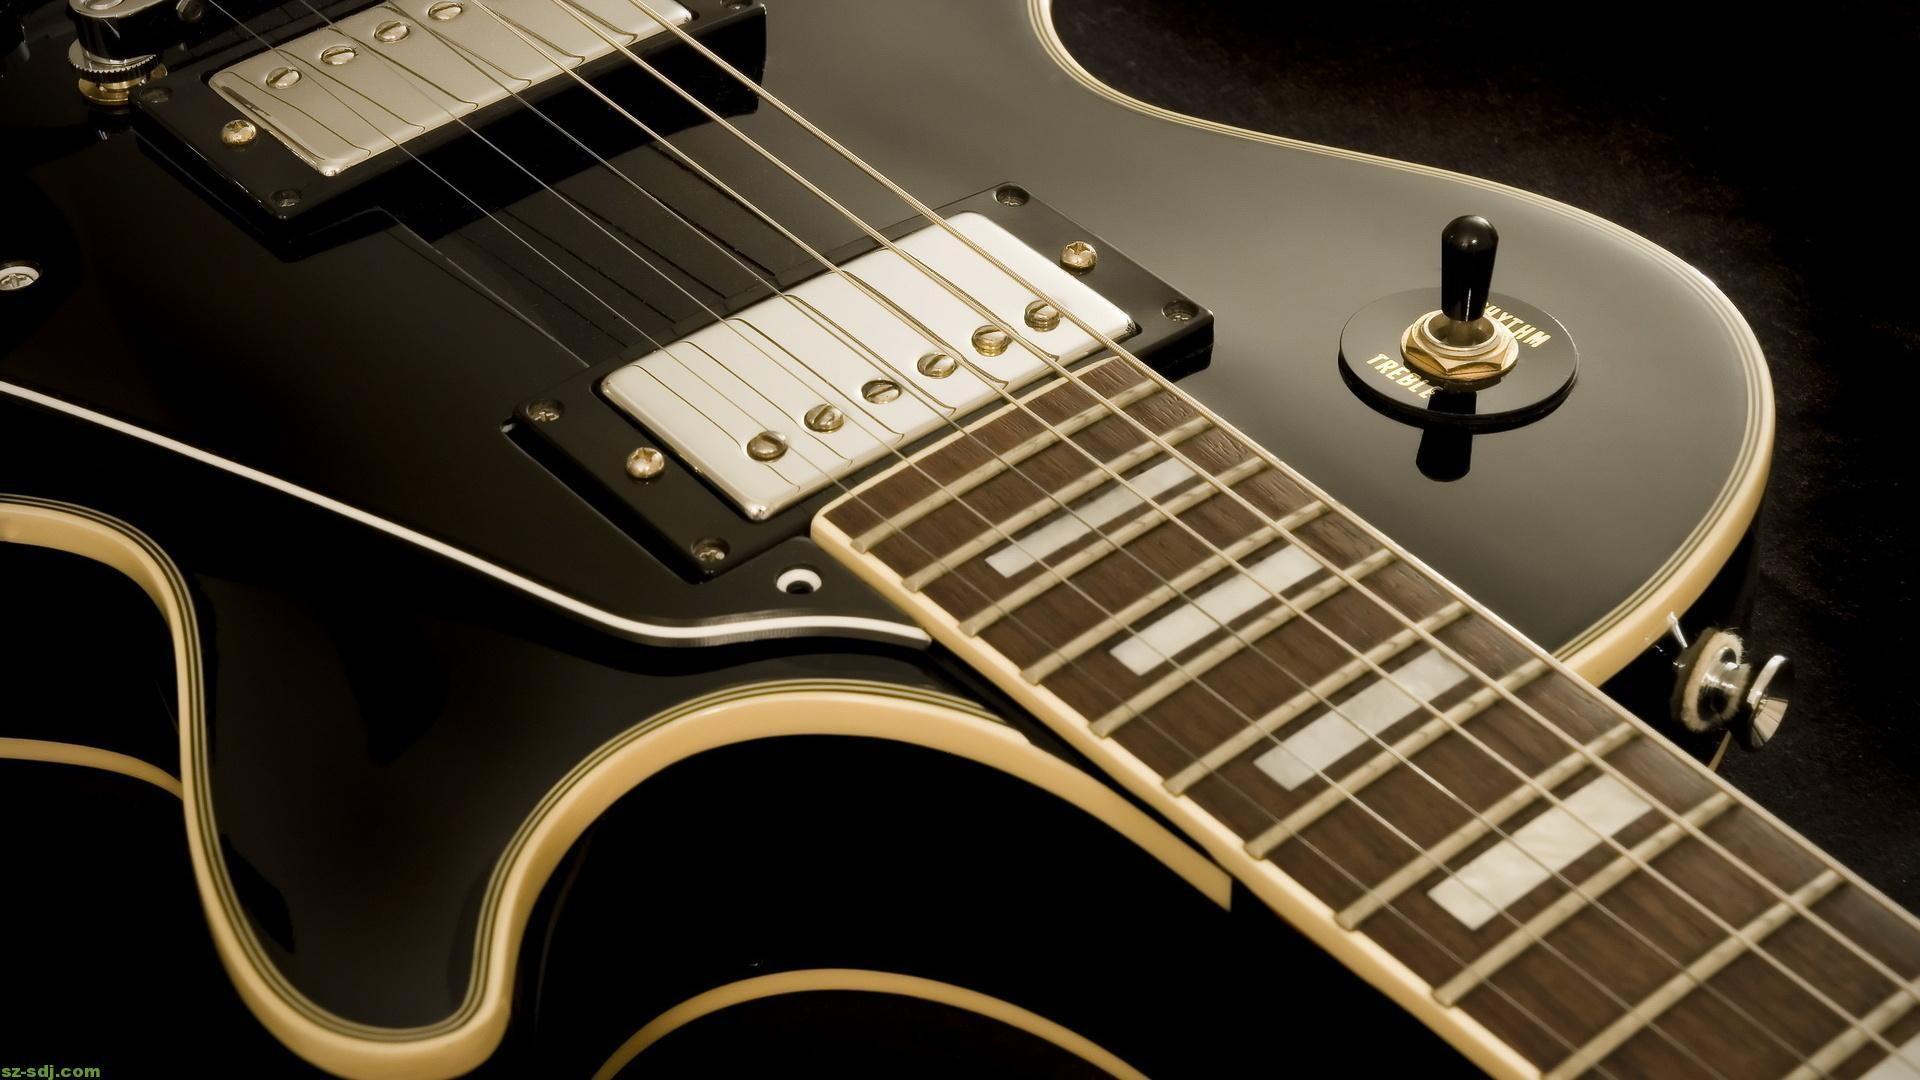 Fender guitar wallpaper hd – Fender guitars backgrounds – Fender .